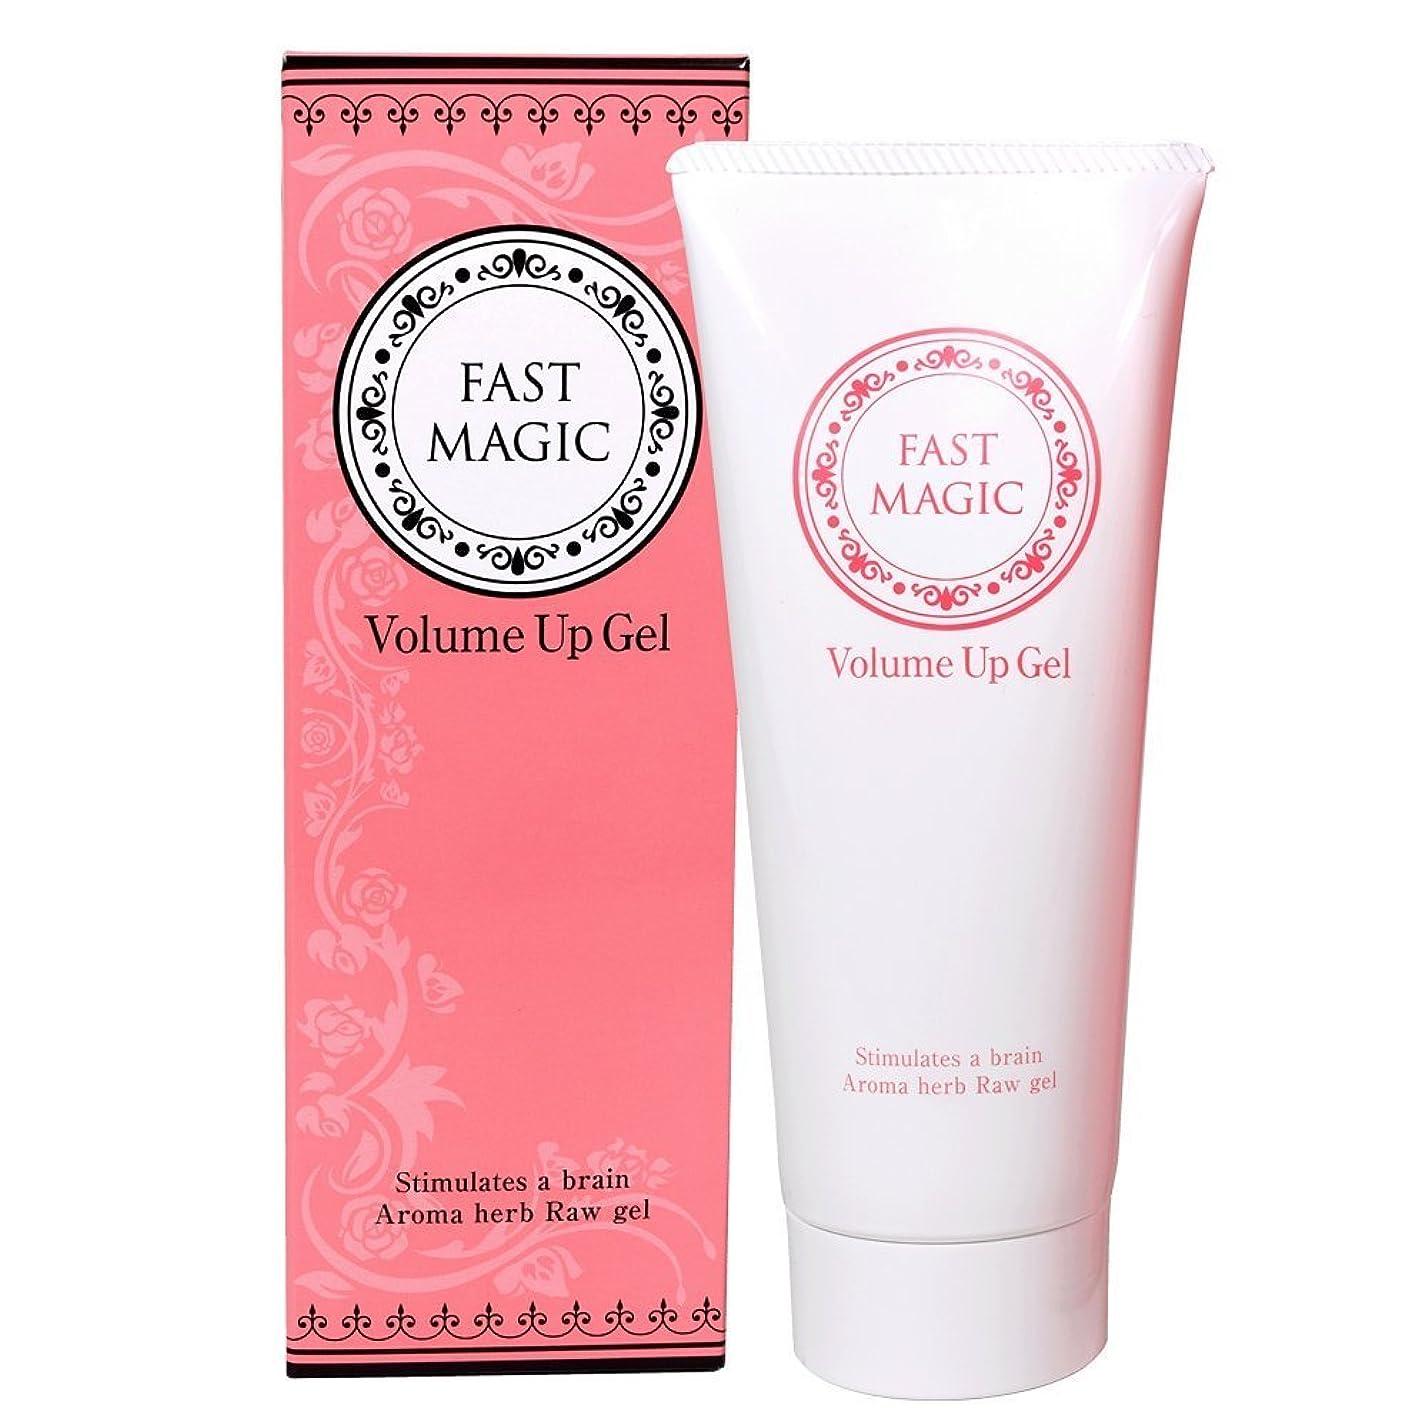 霜麻酔薬タールファストマジックボリュームアップジェル FAST MAGIC Volume Up Gel (マッサージ方法別紙つき)